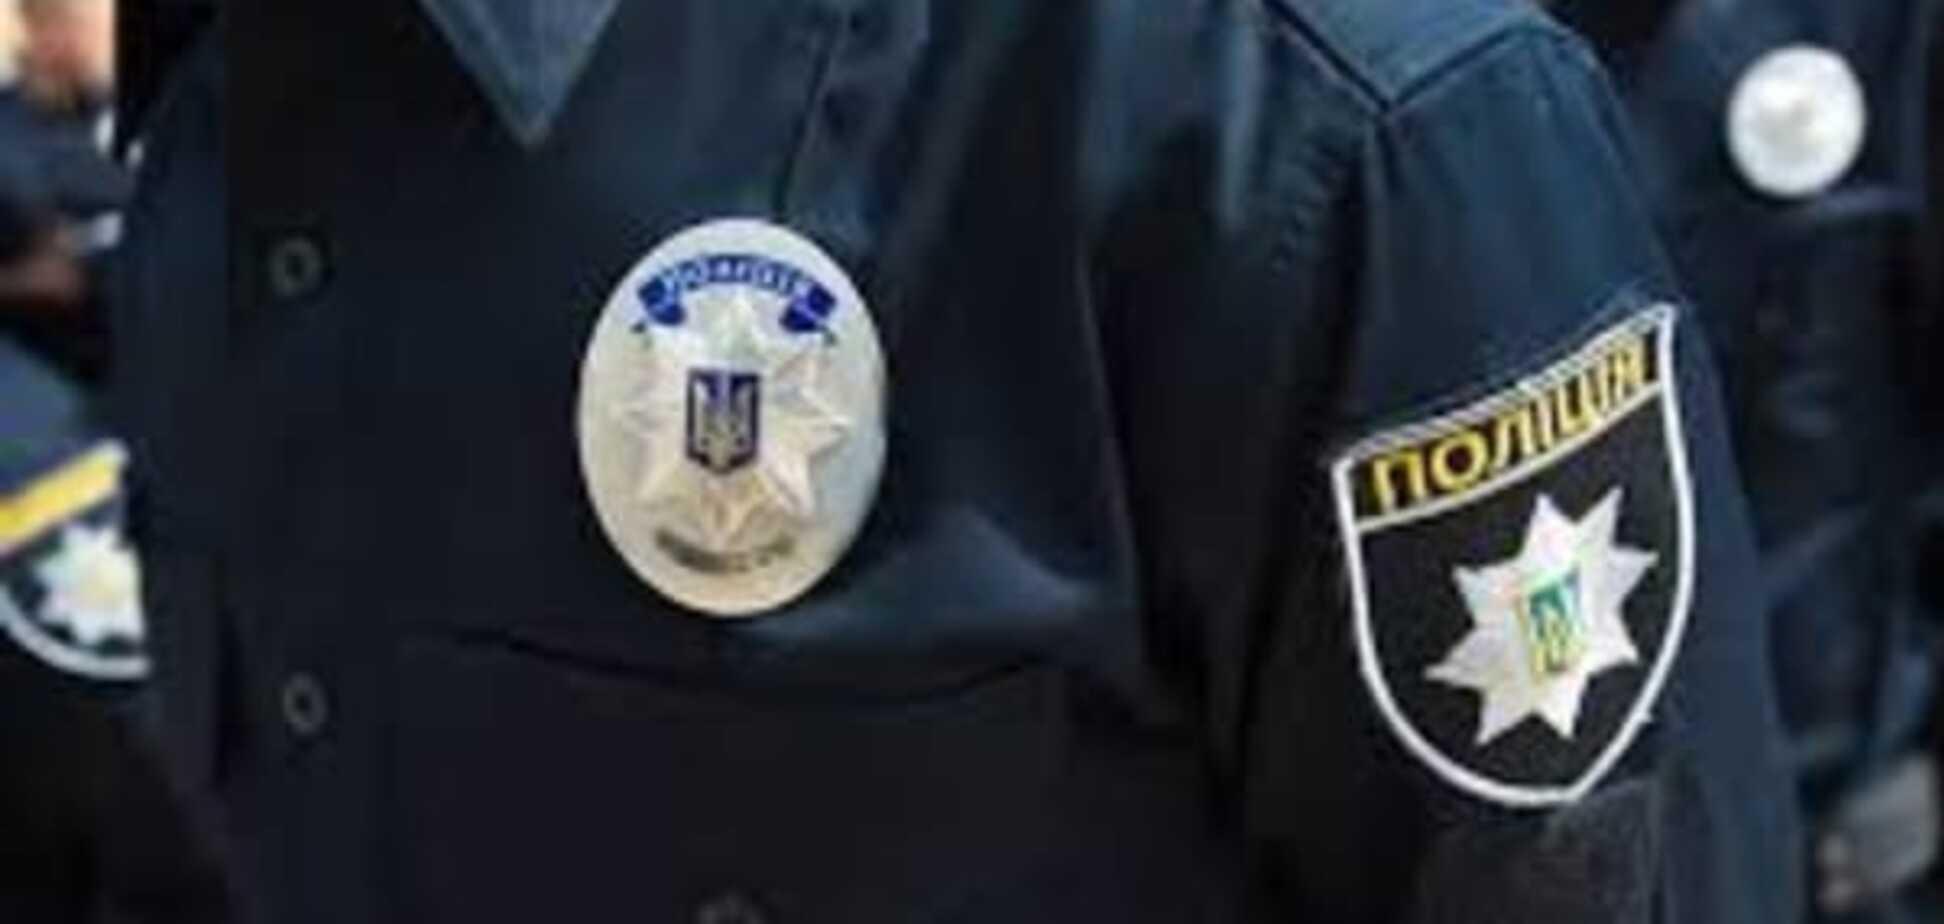 Стали відомі подробиці вибуху автомобіля у Києві